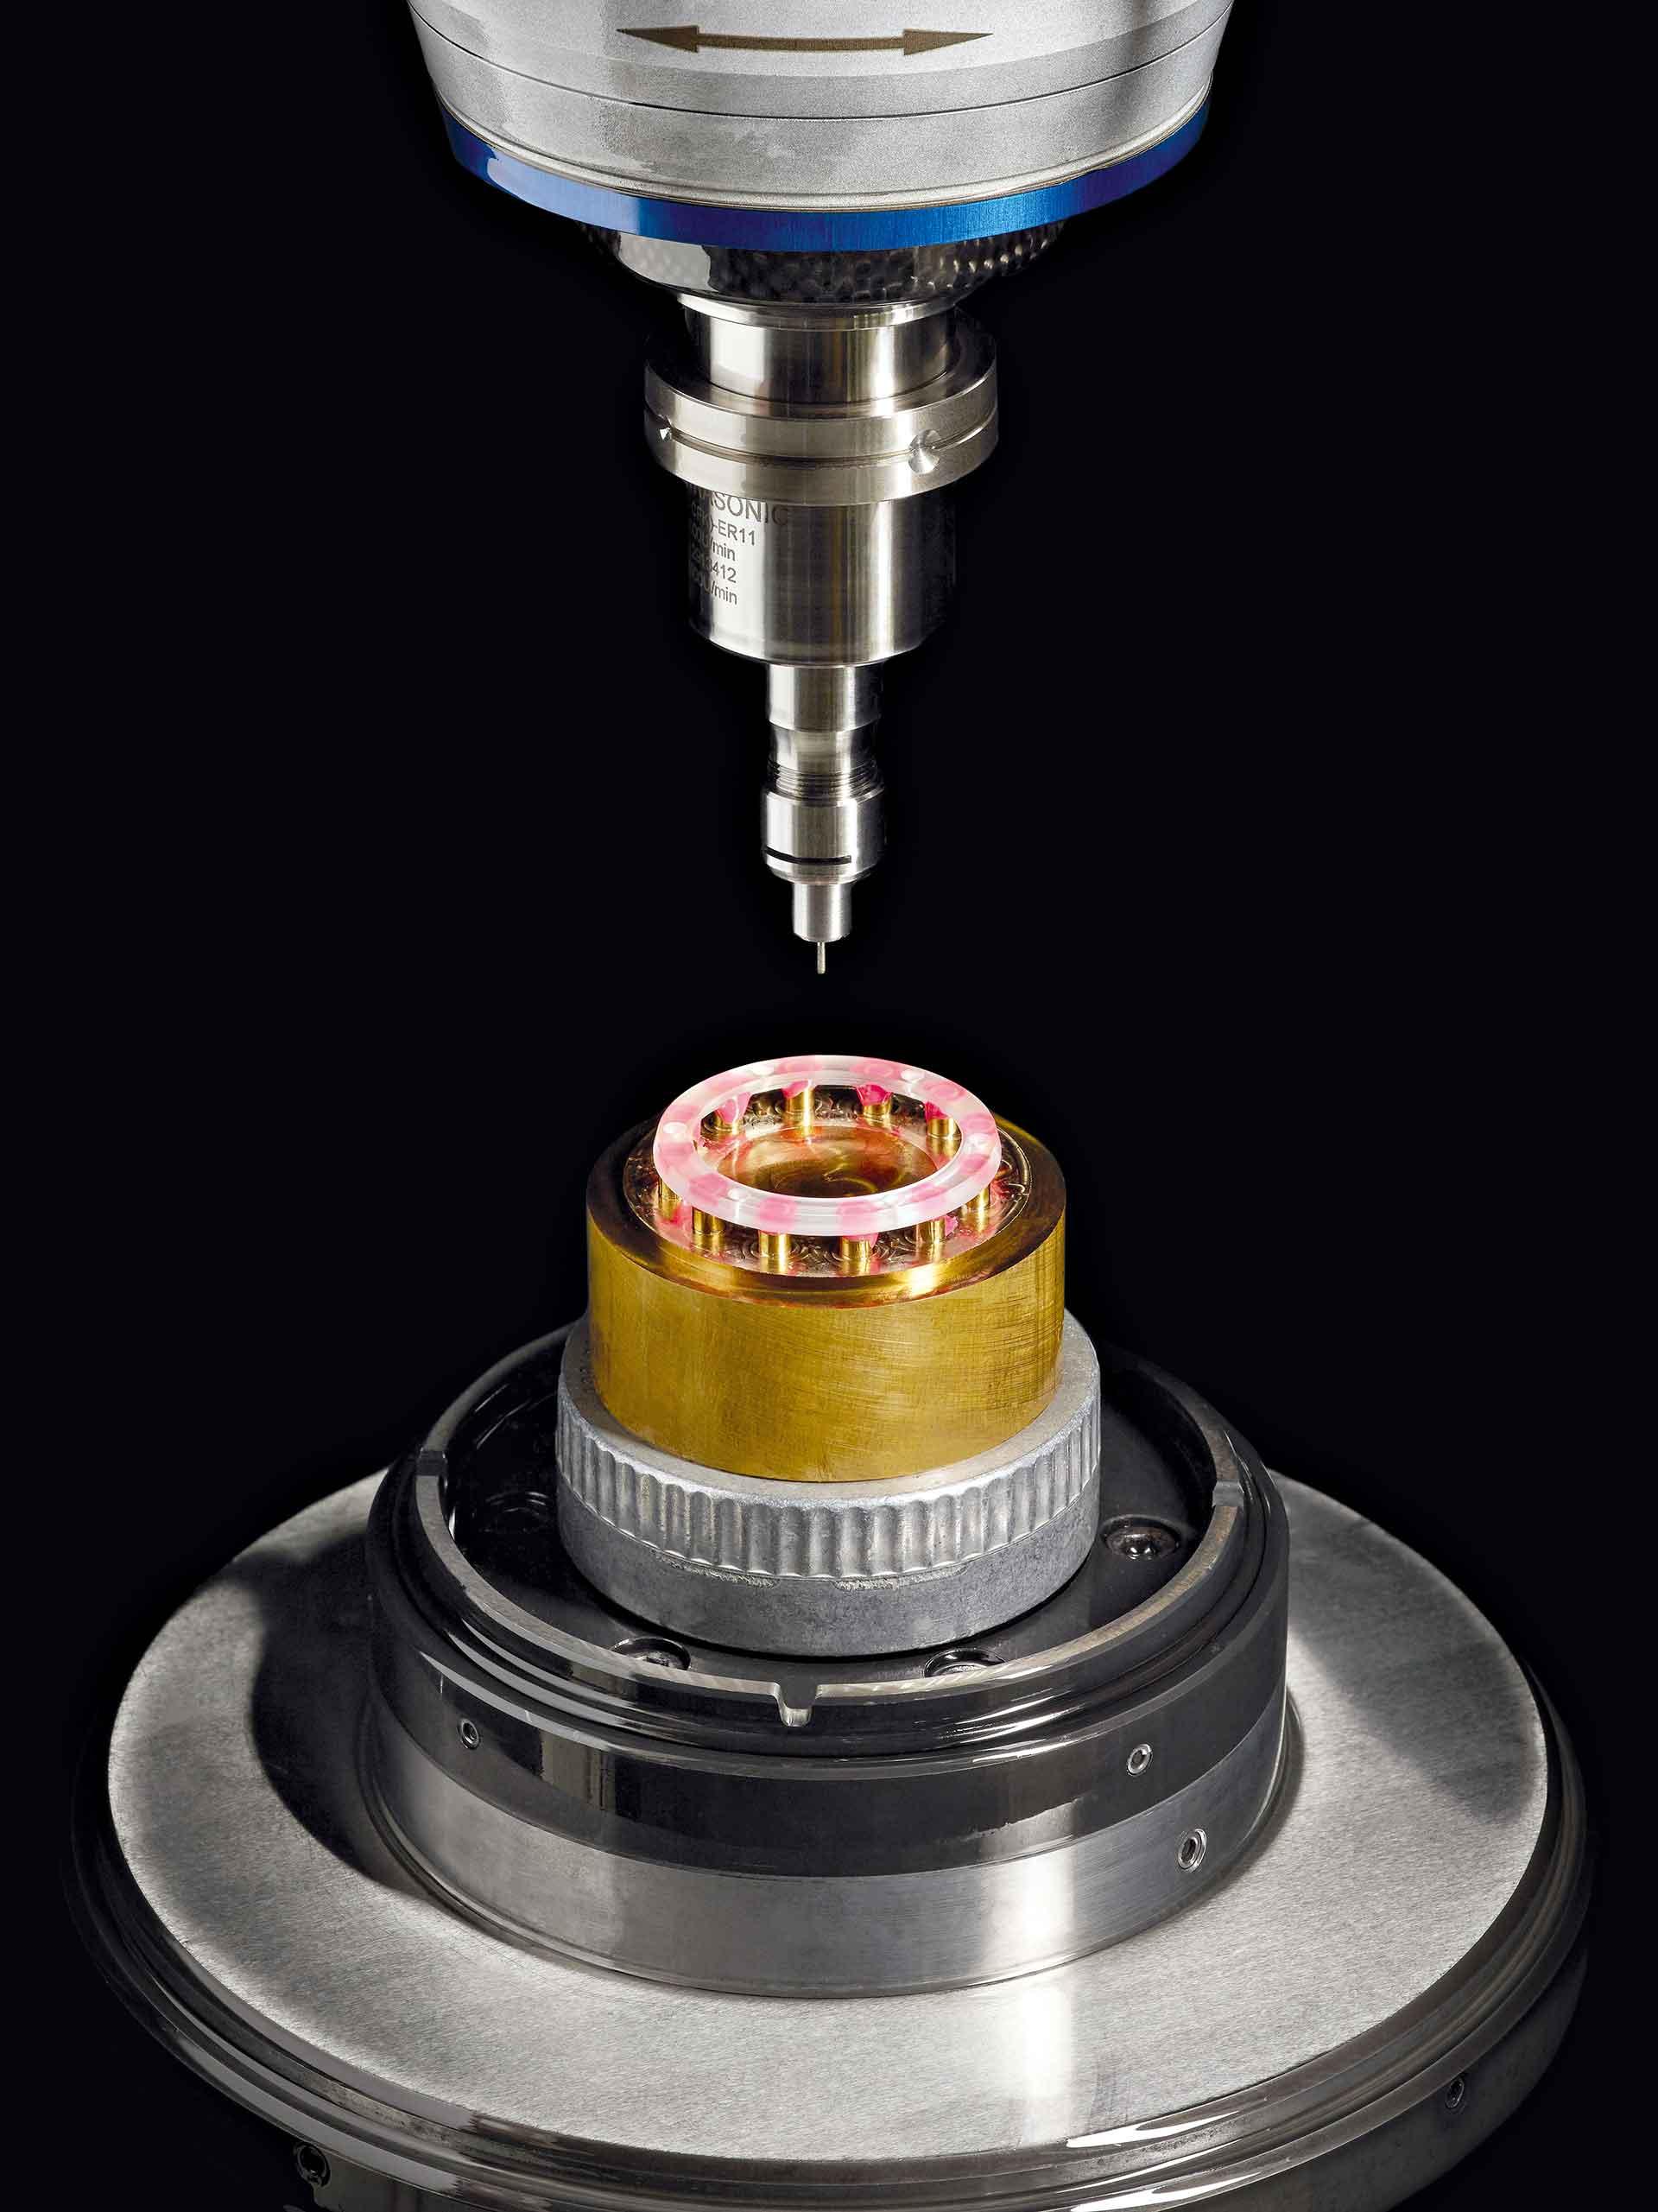 Saphirglas kann von CNC-Maschinen geschnitten, gebohrt und gefräst werden. Hier die Bearbeitung bei Hublot.